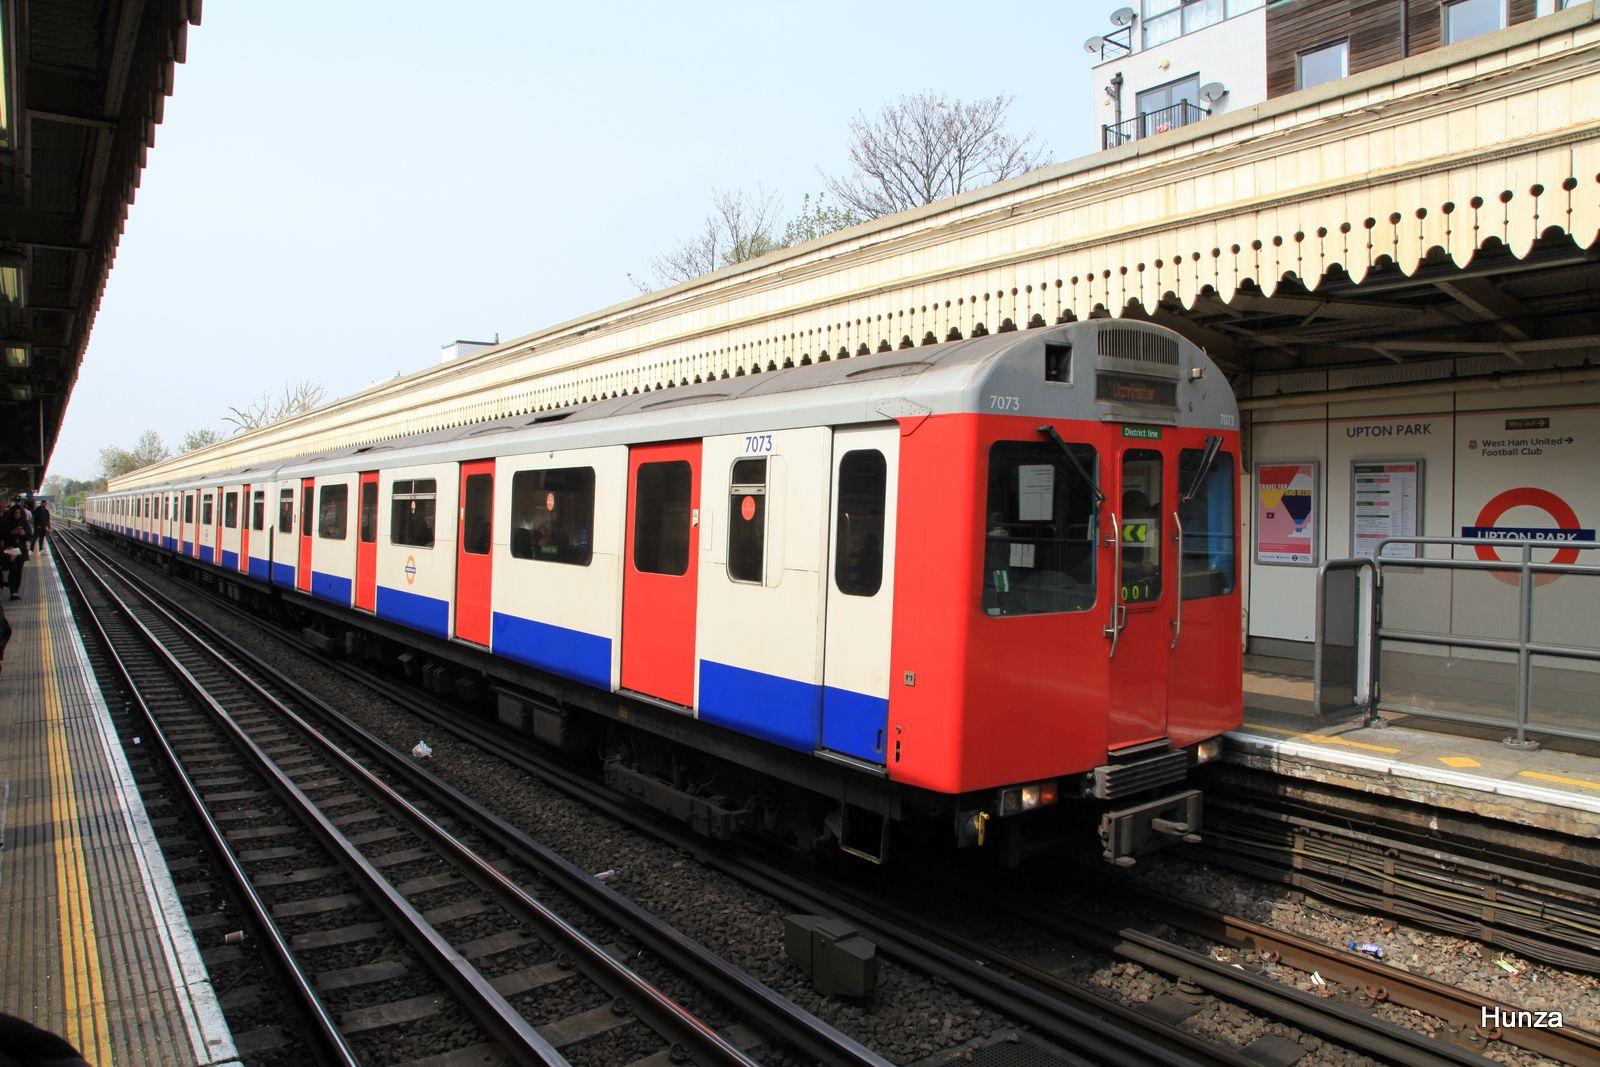 Rame D 78 Stock de la District Line à Upton Park (24 avril 2015)